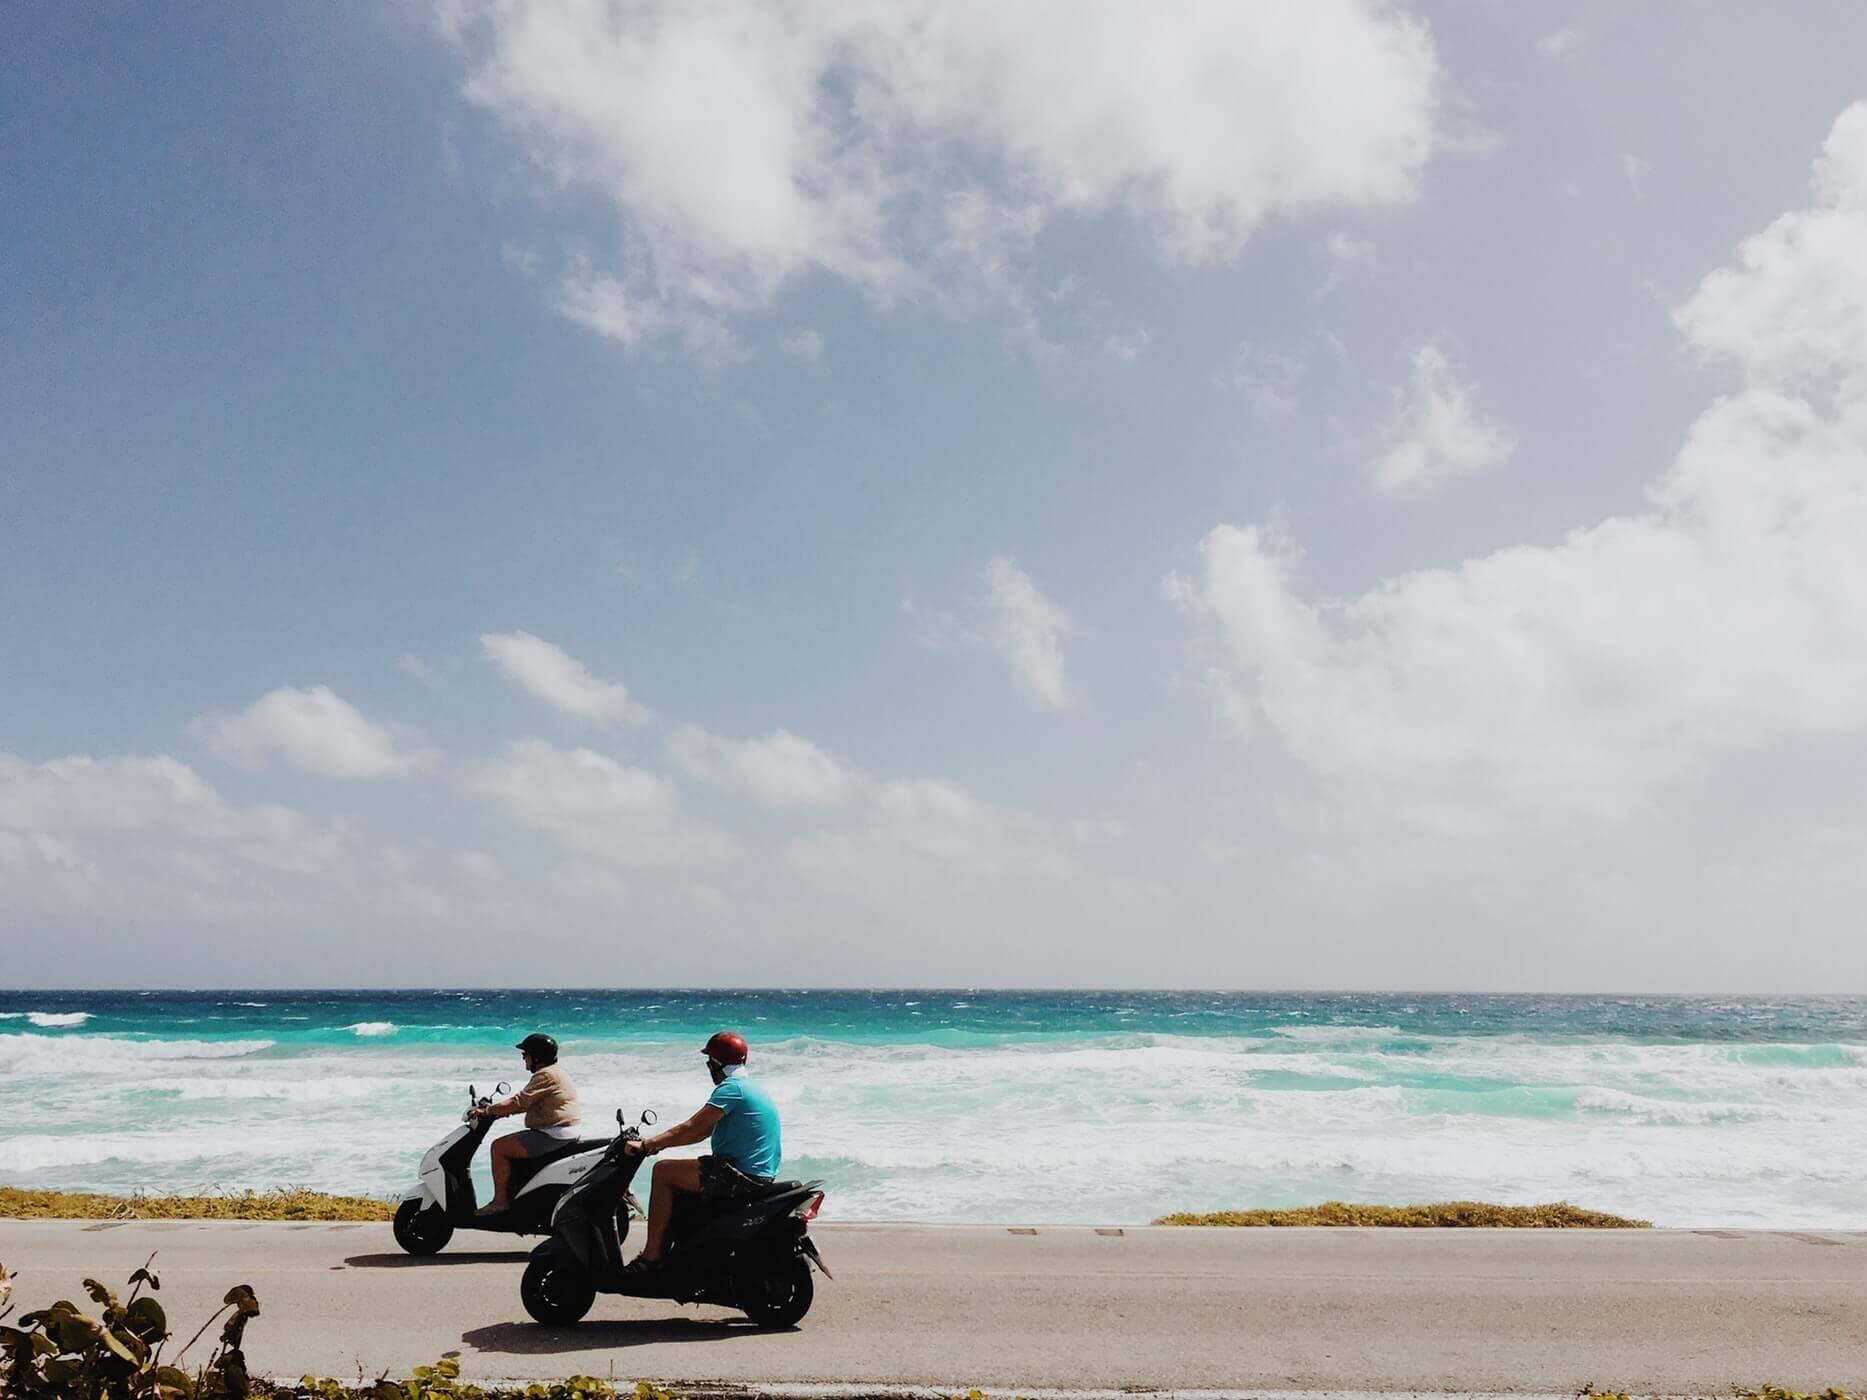 Поясним за новости: на Шри-Ланку снова придётся оформлять платную визу